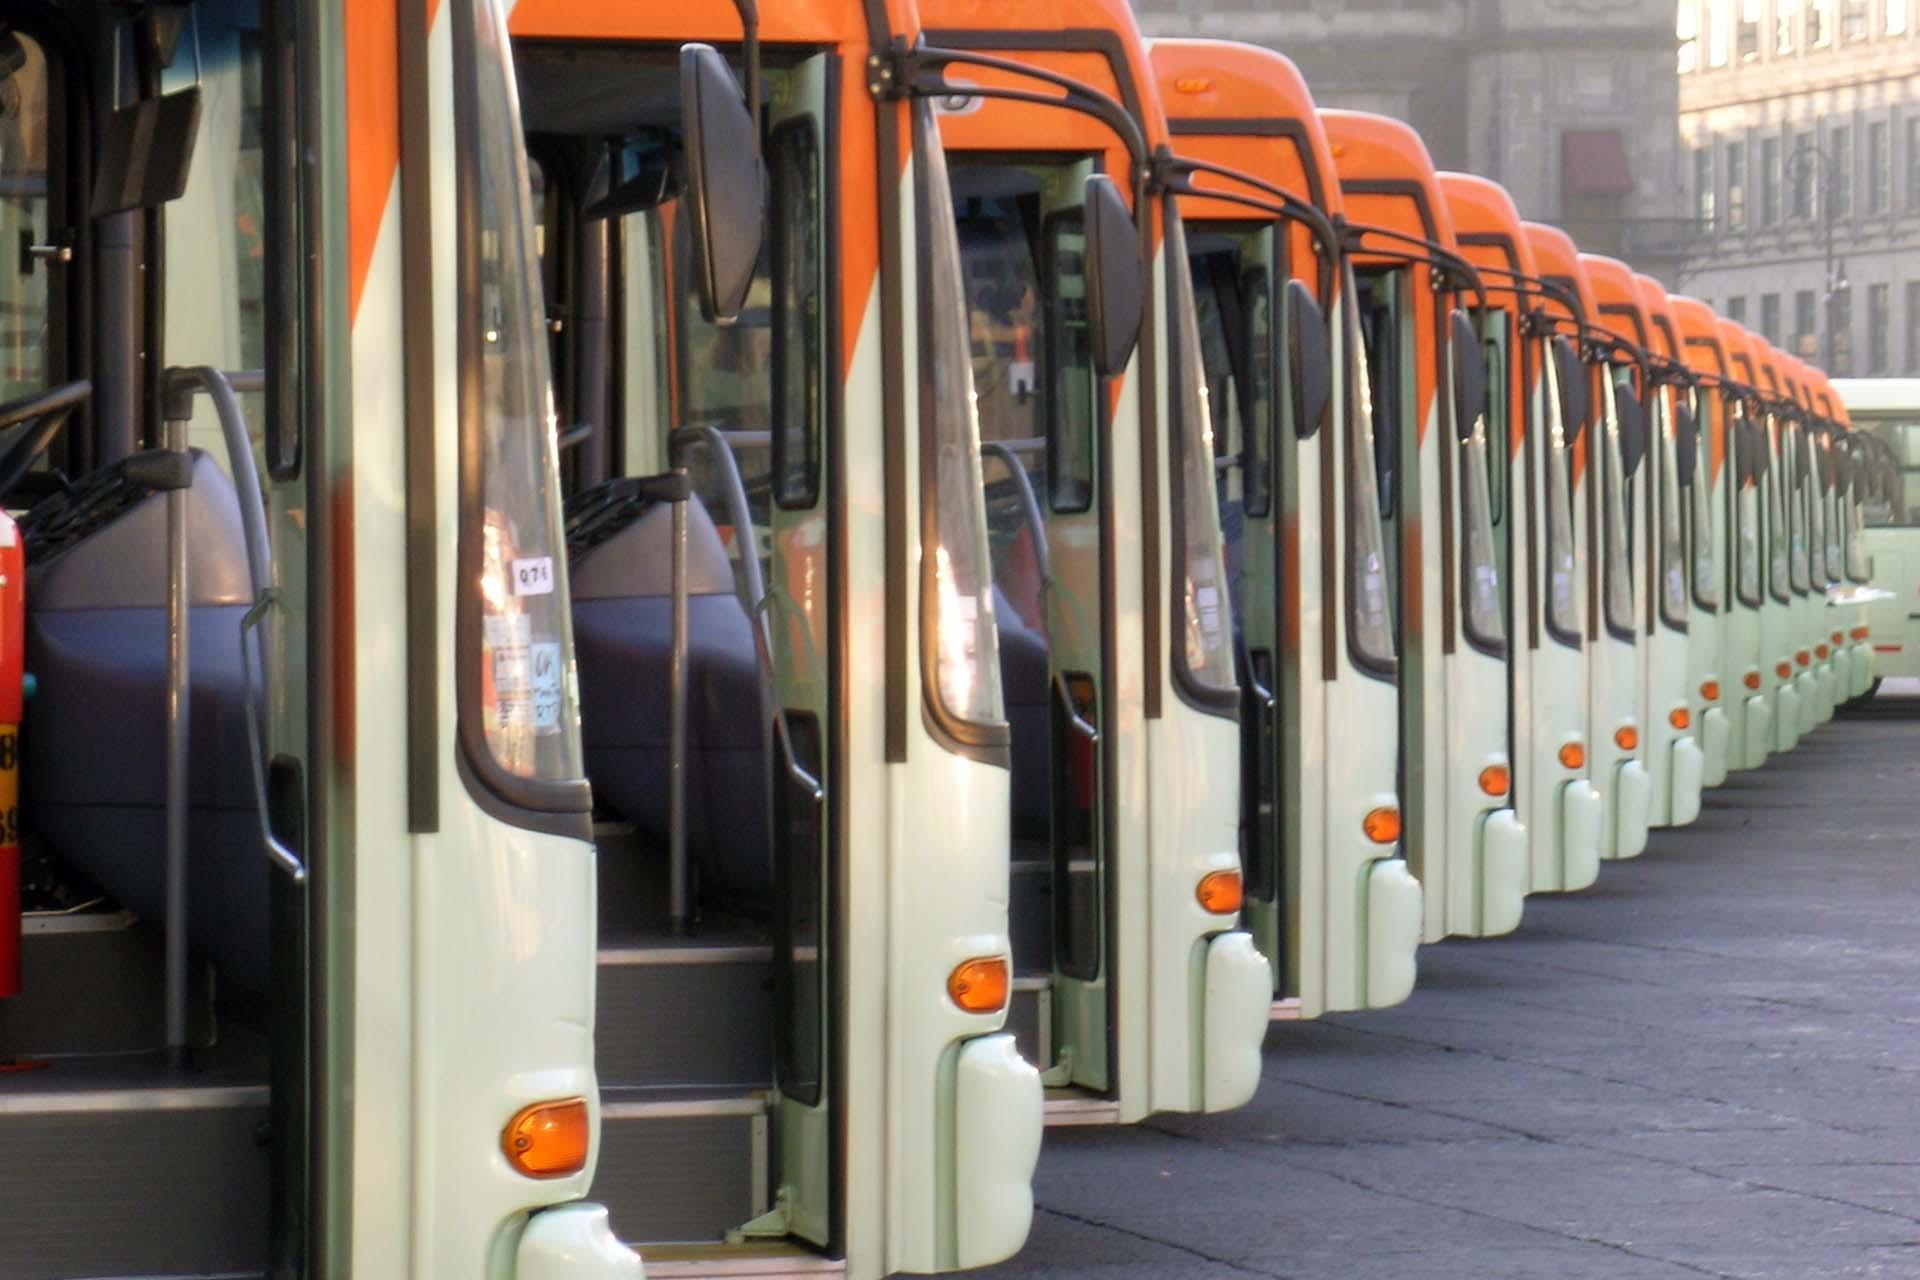 Los autobuses liberan menos dióxido de carbono en comparación a los automóviles ya que fueron adquiridos con ese fin